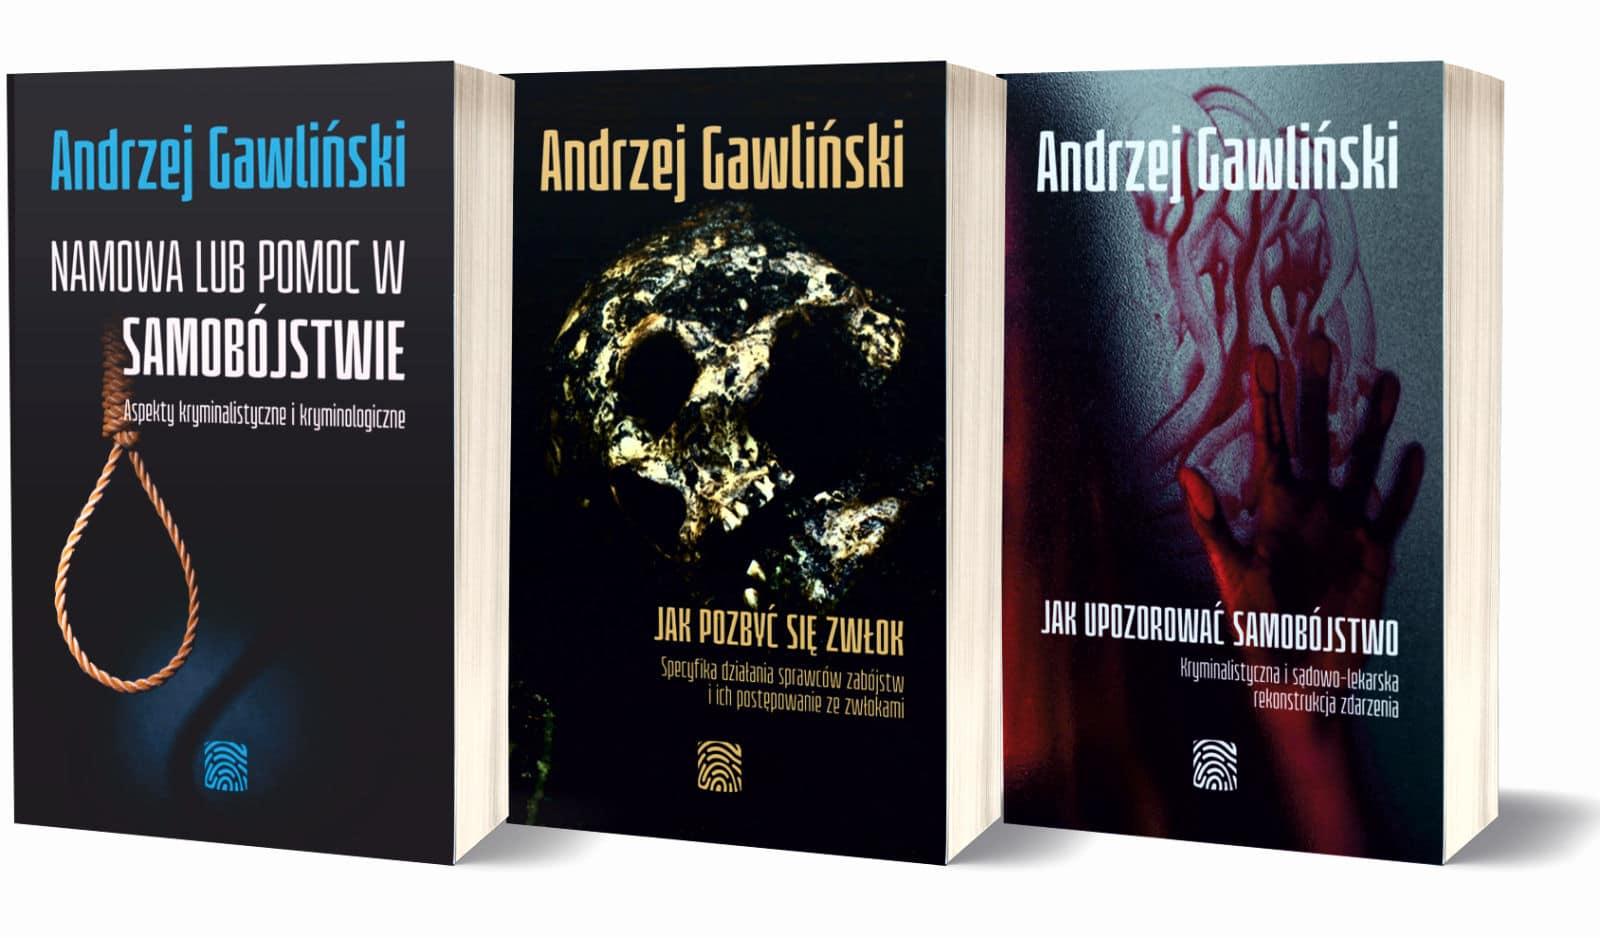 Andrzej Gawliński - książki